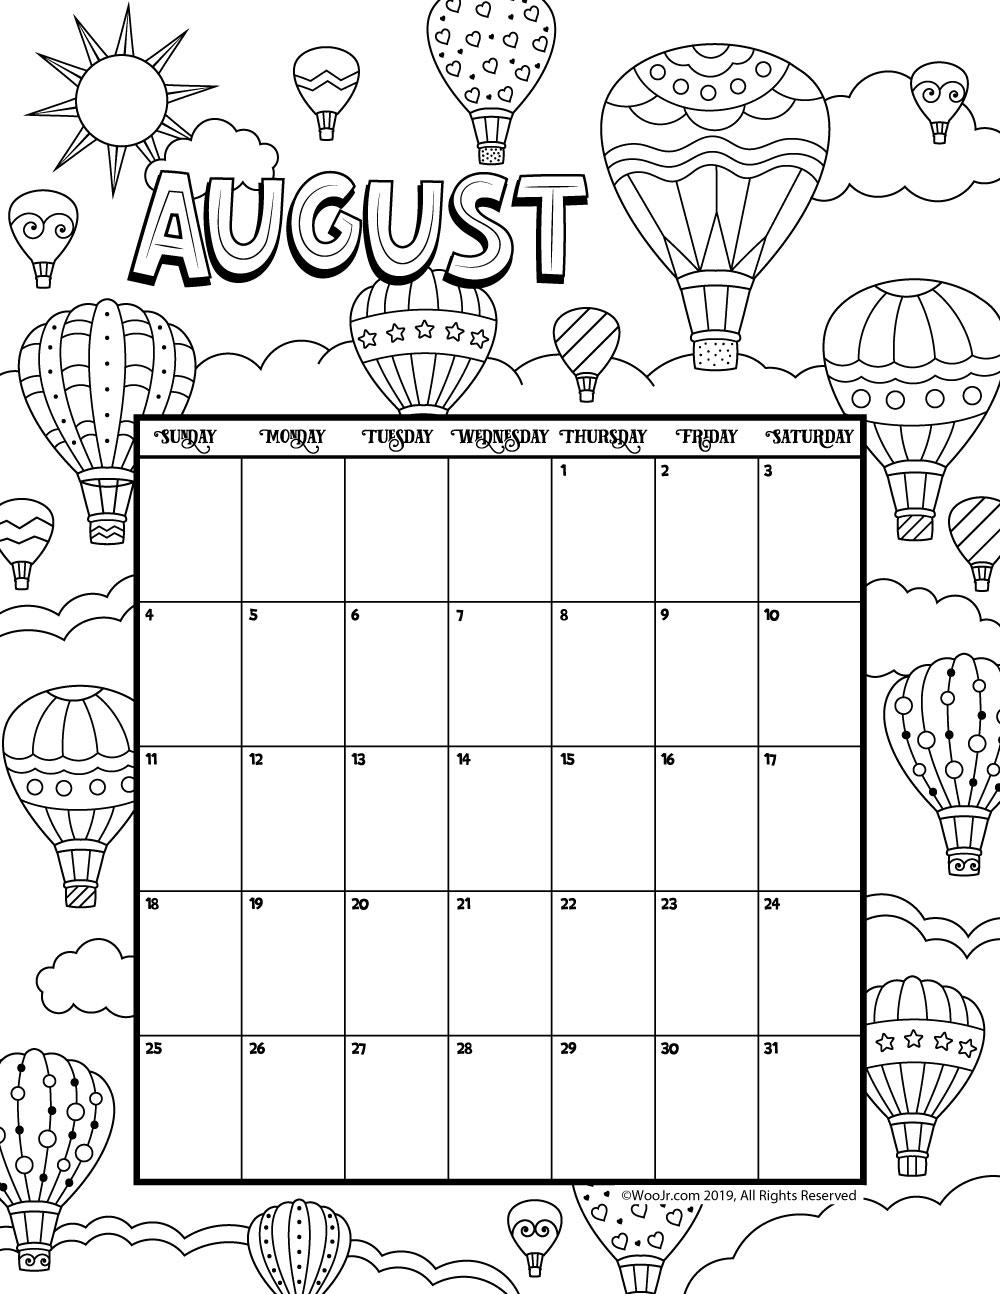 August 2019 Calendar.August 2019 Coloring Calendar Woo Jr Kids Activities